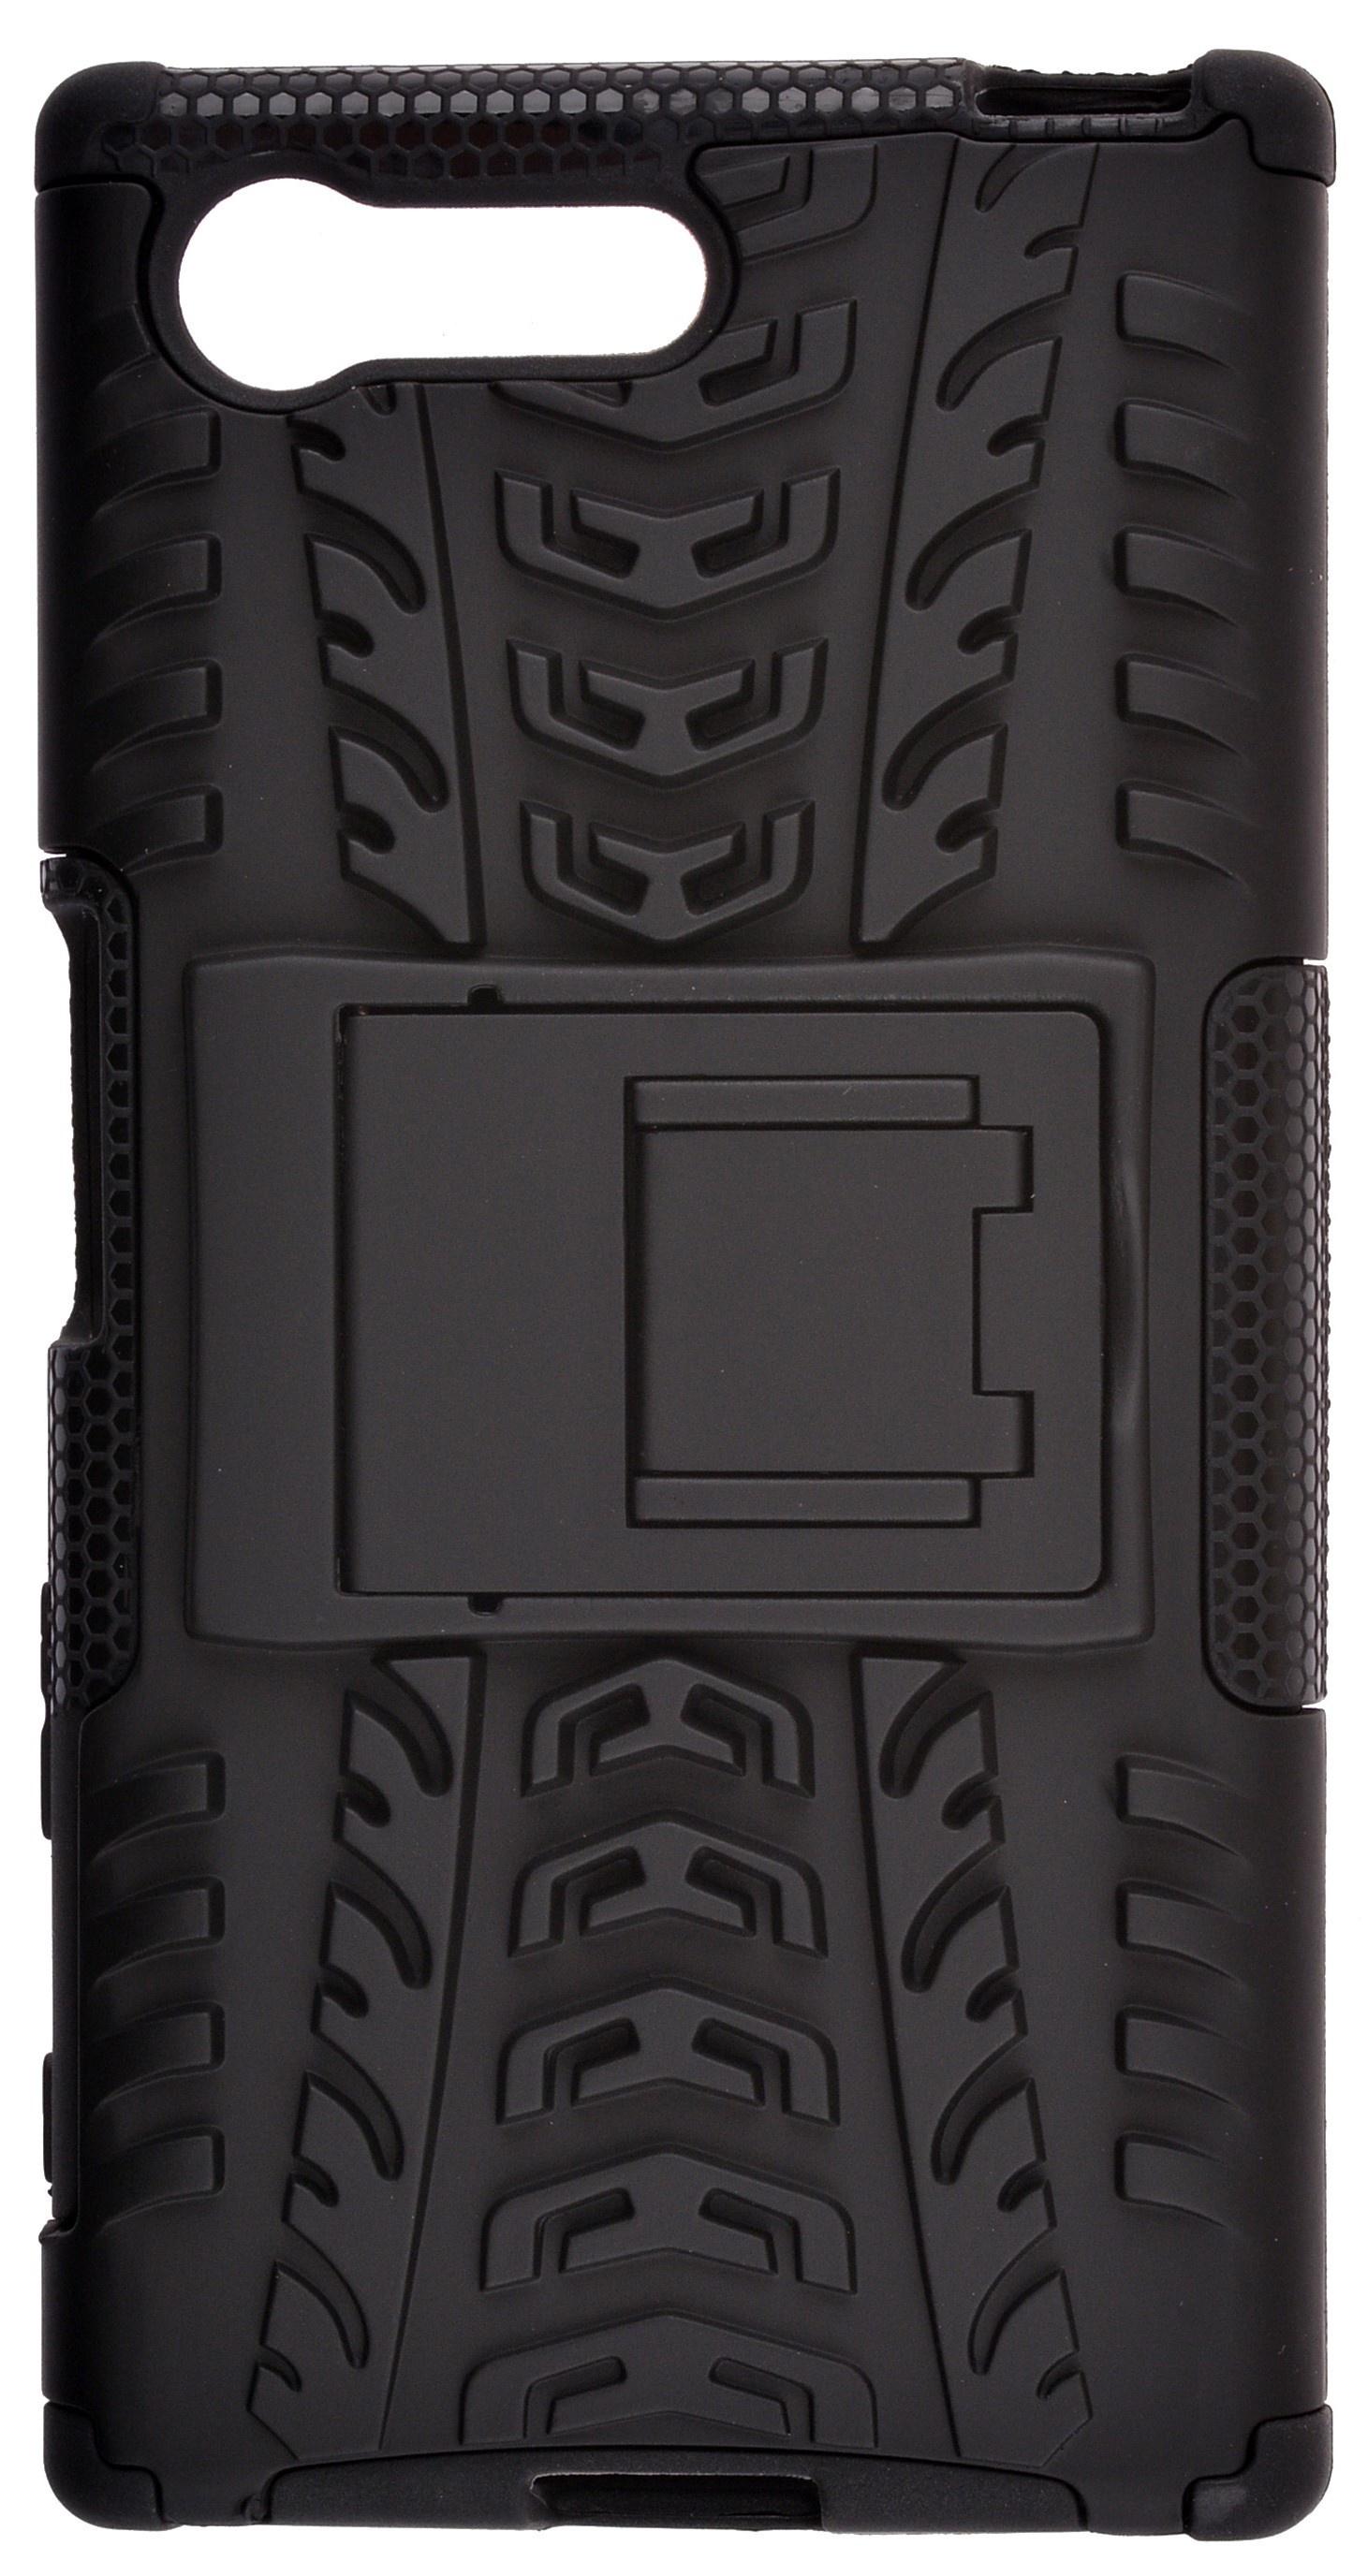 Чехол для сотового телефона skinBOX Defender, 4630042523920, черный все цены